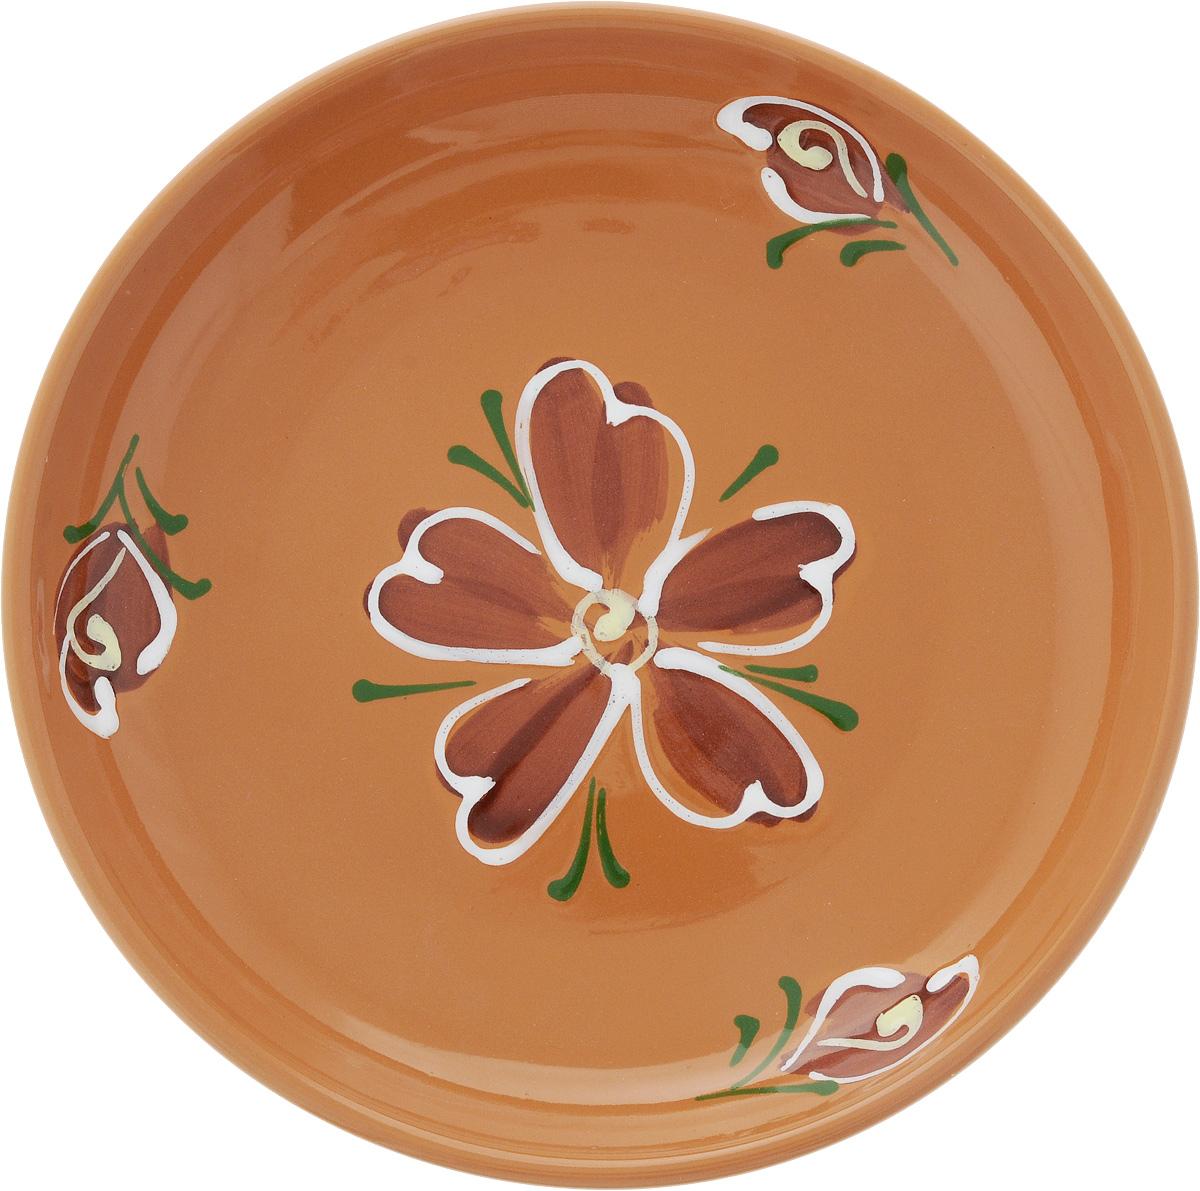 Тарелка Борисовская керамика Cтандарт. Цветок, цвет: светло-коричневый, диаметр 18 см115510Тарелка Борисовская керамика Cтандарт выполнена из высококачественной керамики с покрытием пищевой глазурью. Изделие отлично подходит для подачи вторых блюд, сервировки нарезок, закусок, овощей и фруктов. Такая тарелка отлично подойдет для повседневного использования. Она прекрасно впишется в интерьер вашей кухни. Посуда термостойкая, можно использовать в духовке и в микроволновой печи. Диаметр тарелки (по верхнему краю): 18 см. Высота стенки: 3 см.